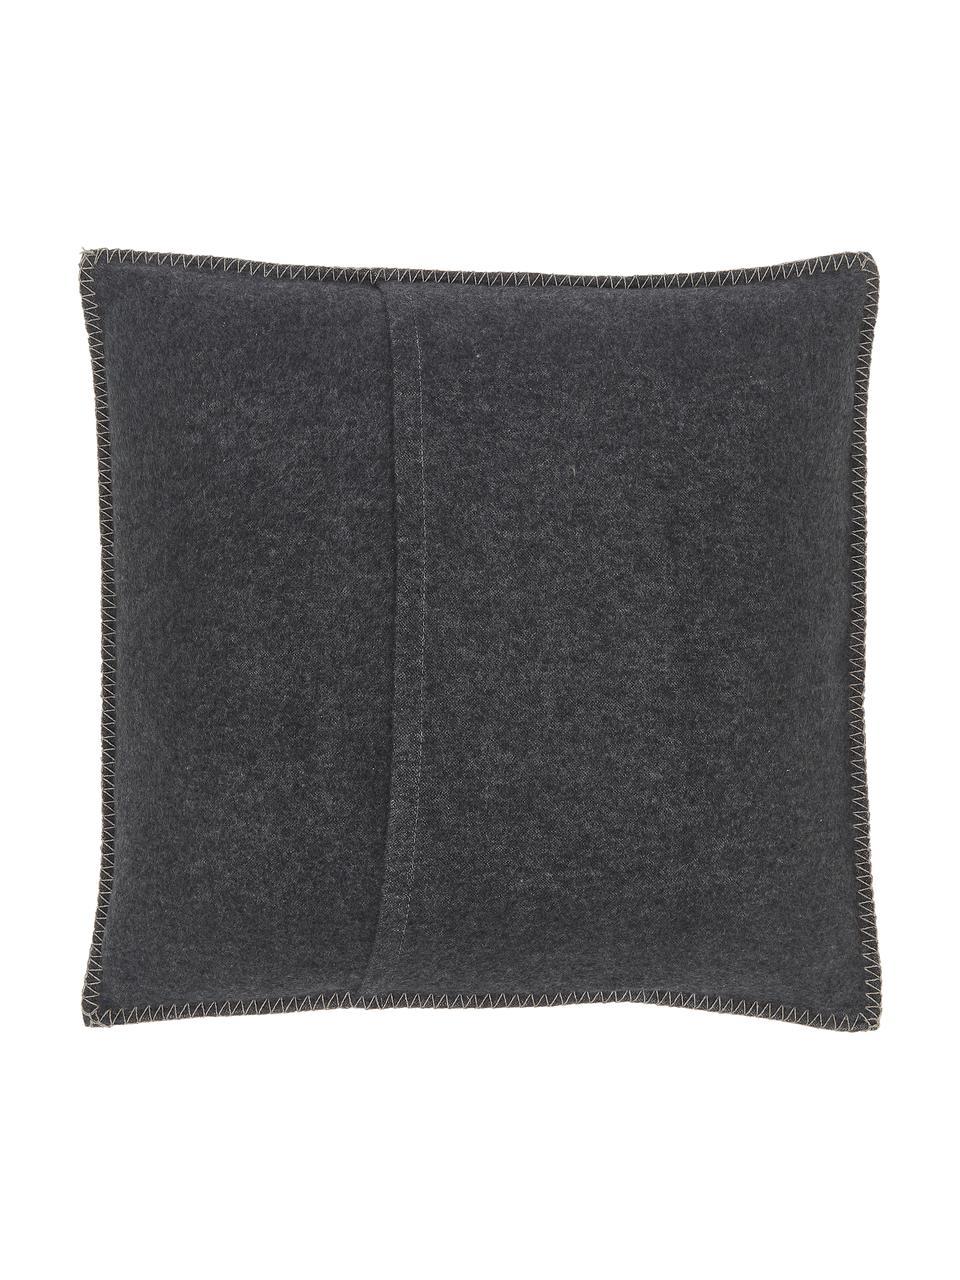 Poszewka na poduszkę z polaru Sylt Hirsch, 85% bawełna, 8% wiskoza, 7% poliakryl, Antracytowy, beżowy, S 50 x D 50 cm